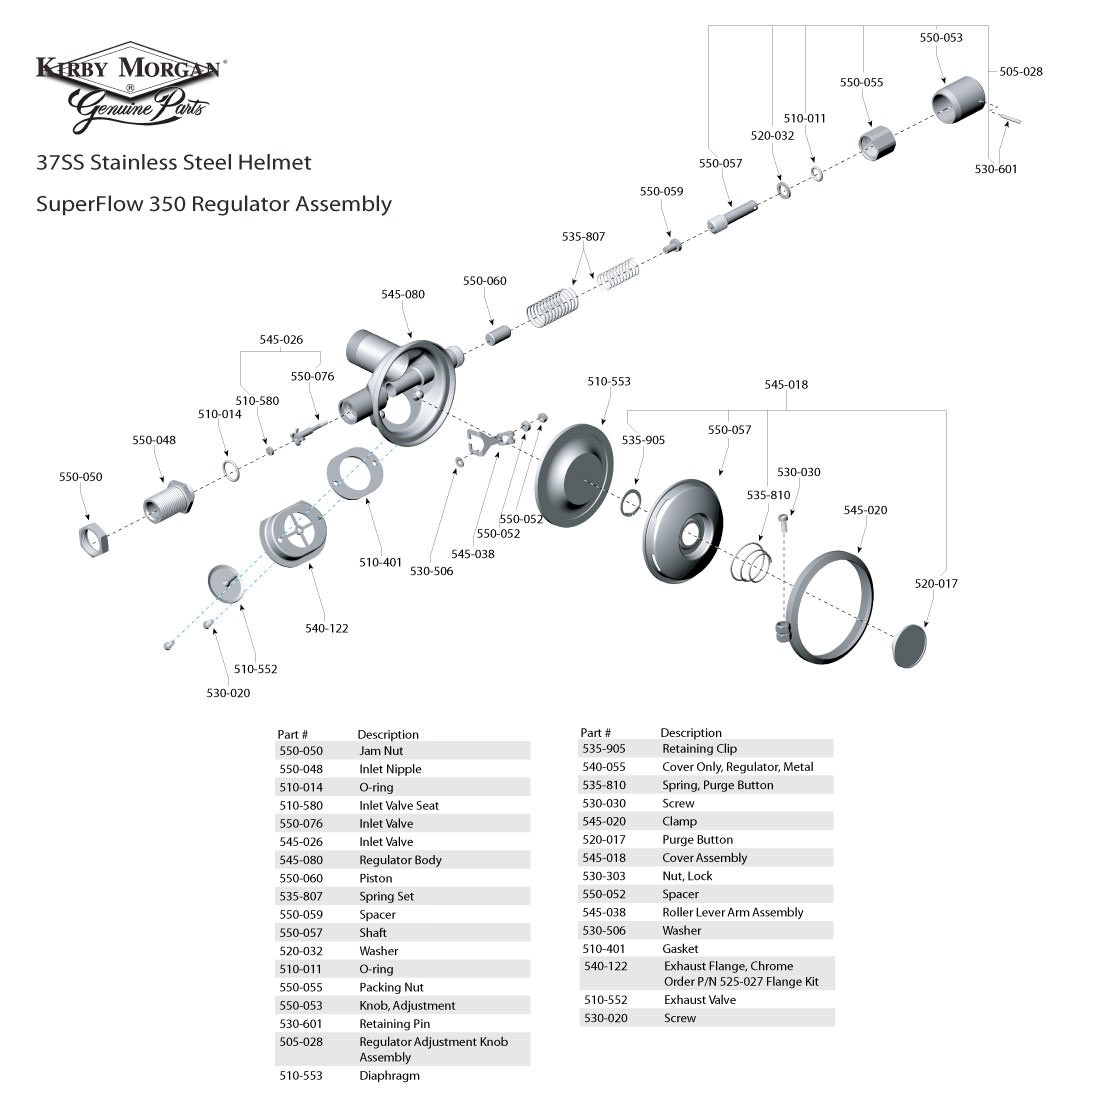 Kirby Morgan 37SS Stainless Steel Commercial Diving Helmet - SuperFlow 350 Regulator